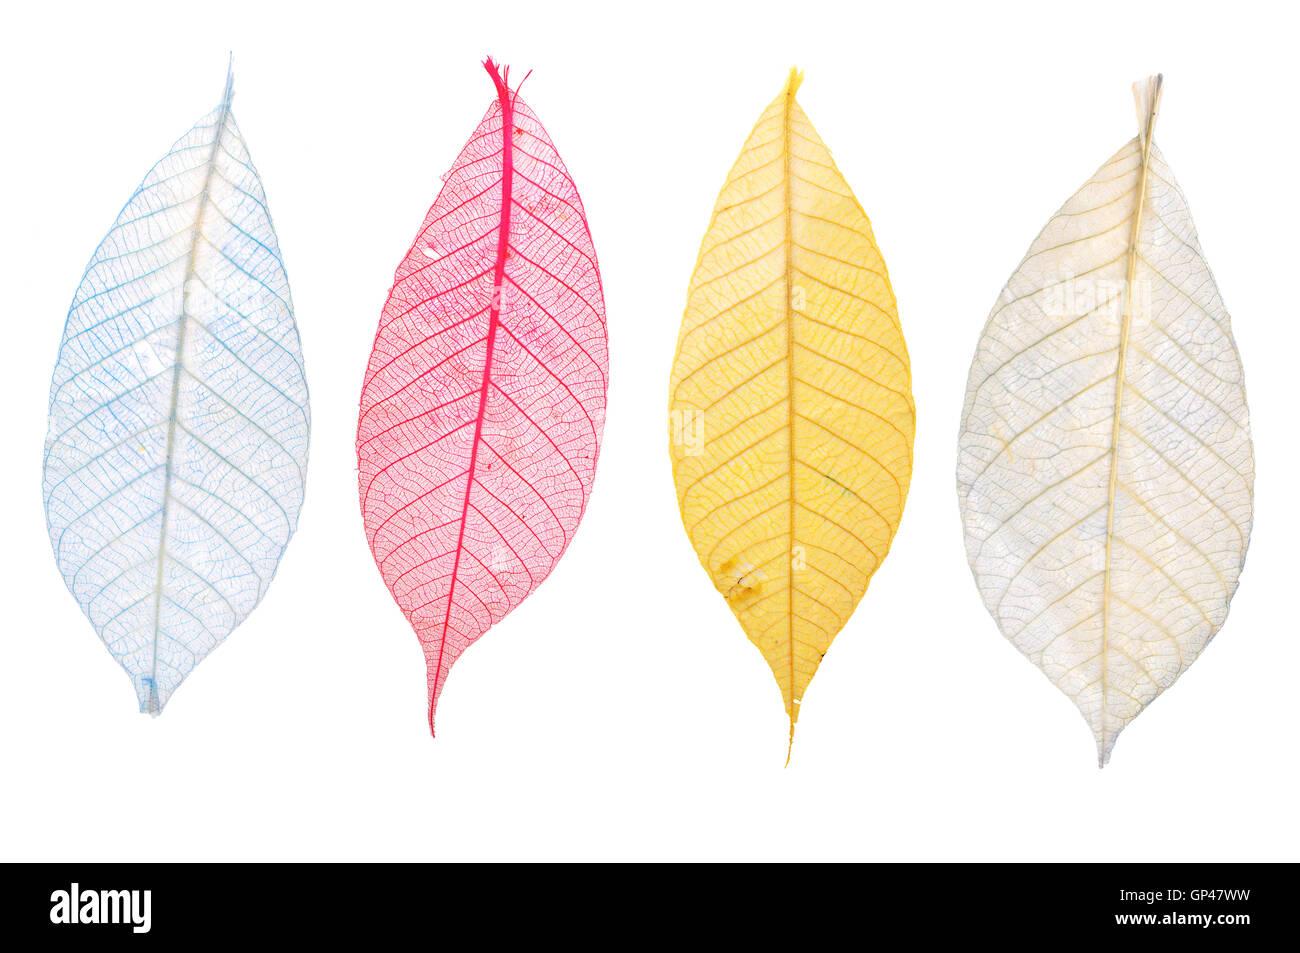 Transparent Leaf - Stock Image